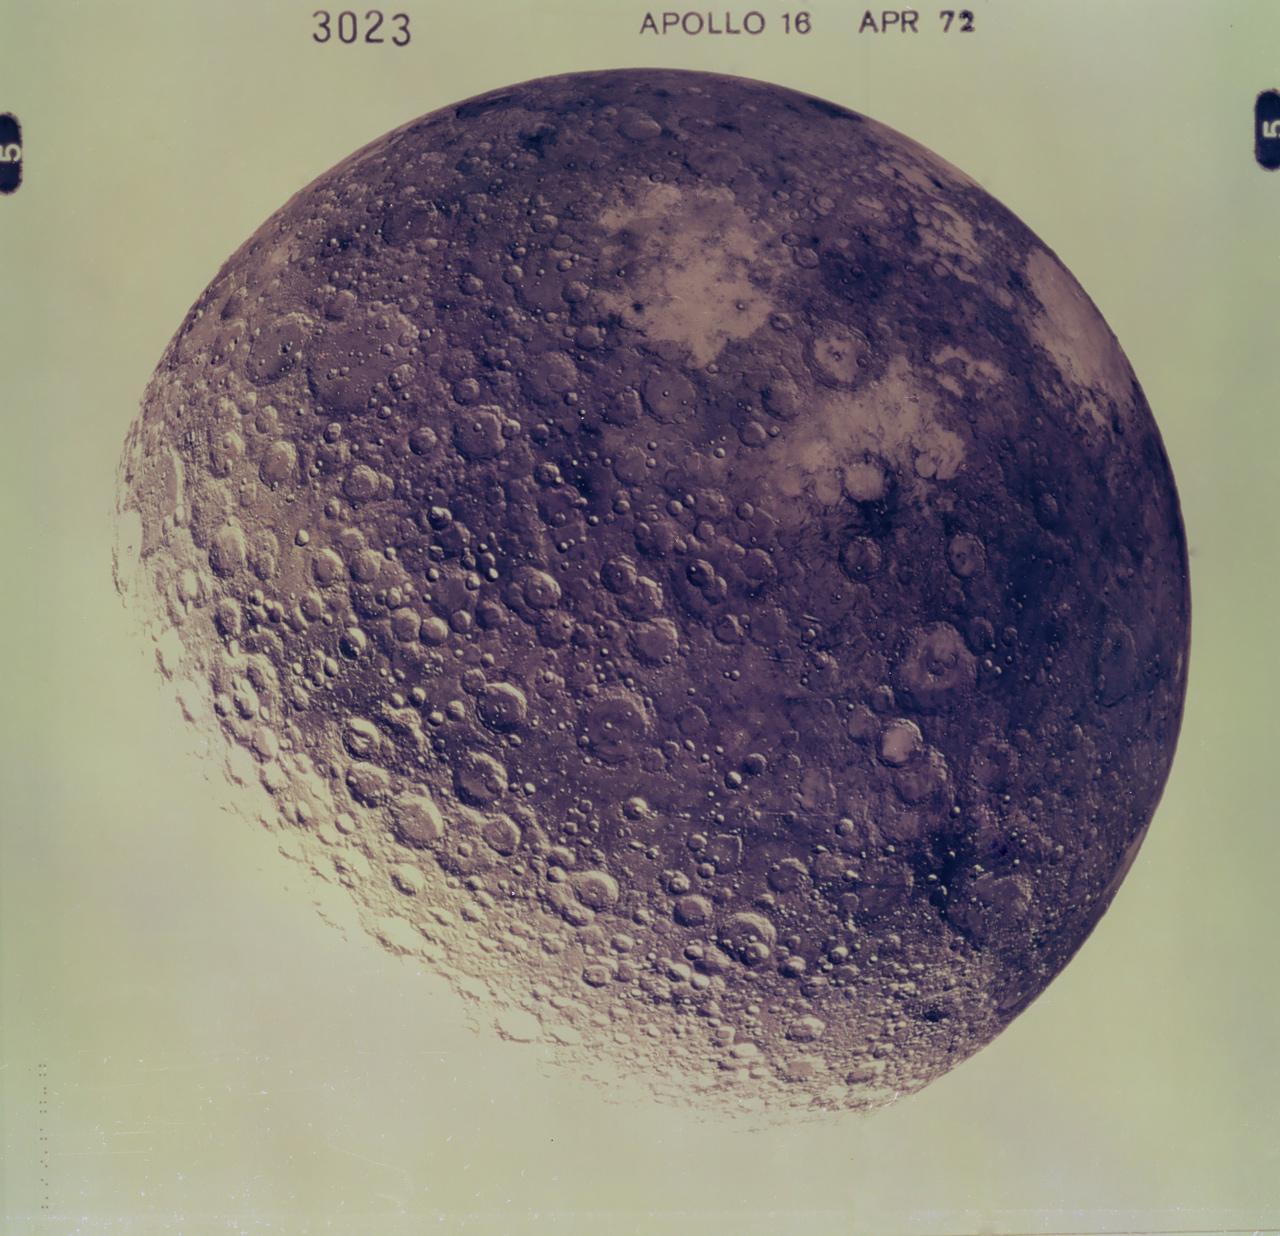 lune apollo 16 Histoire photographique de la Lune